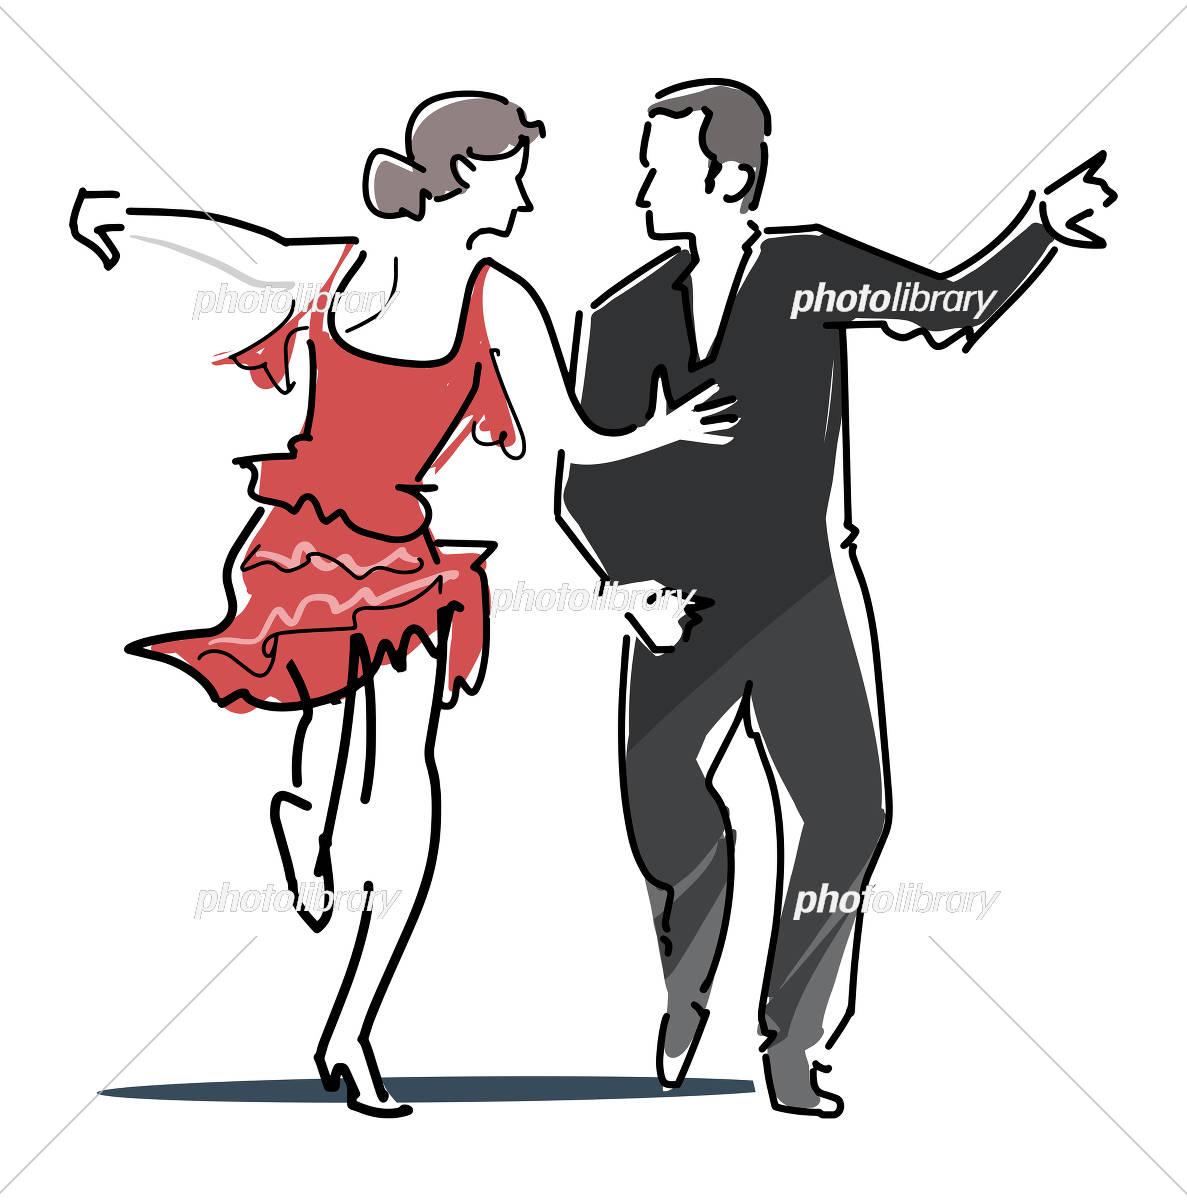 社交ダンスのアイコン イラスト素材 5629562 フォトライブラリー